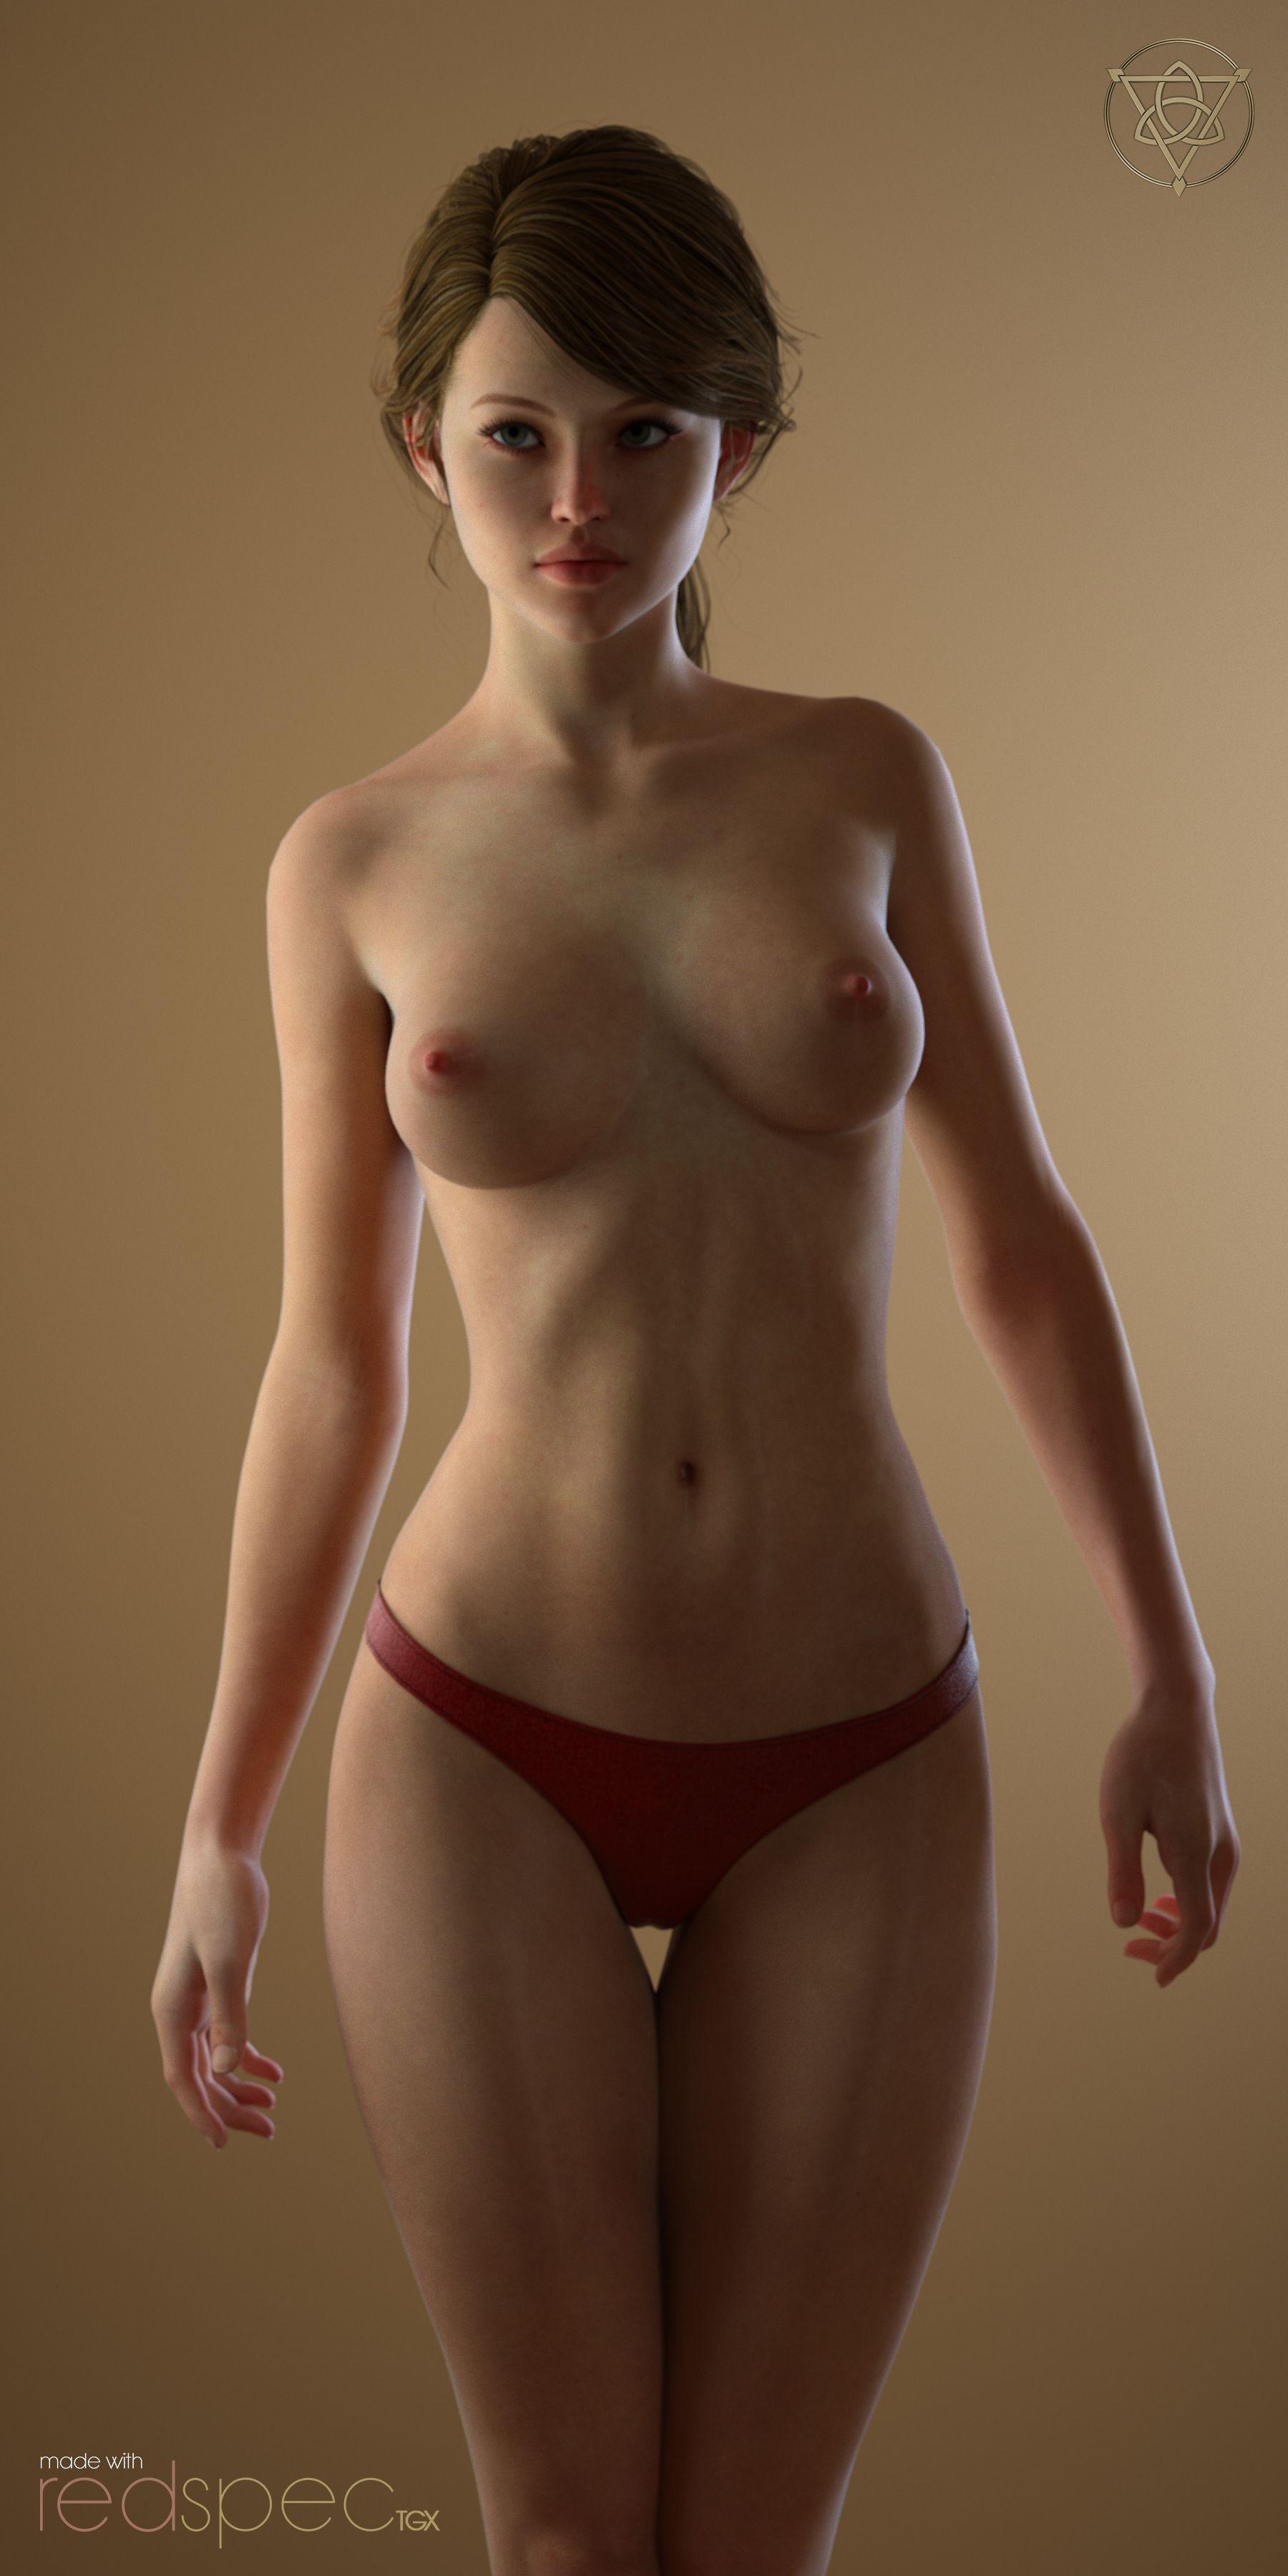 cgi-naked-girl-asshole-pic